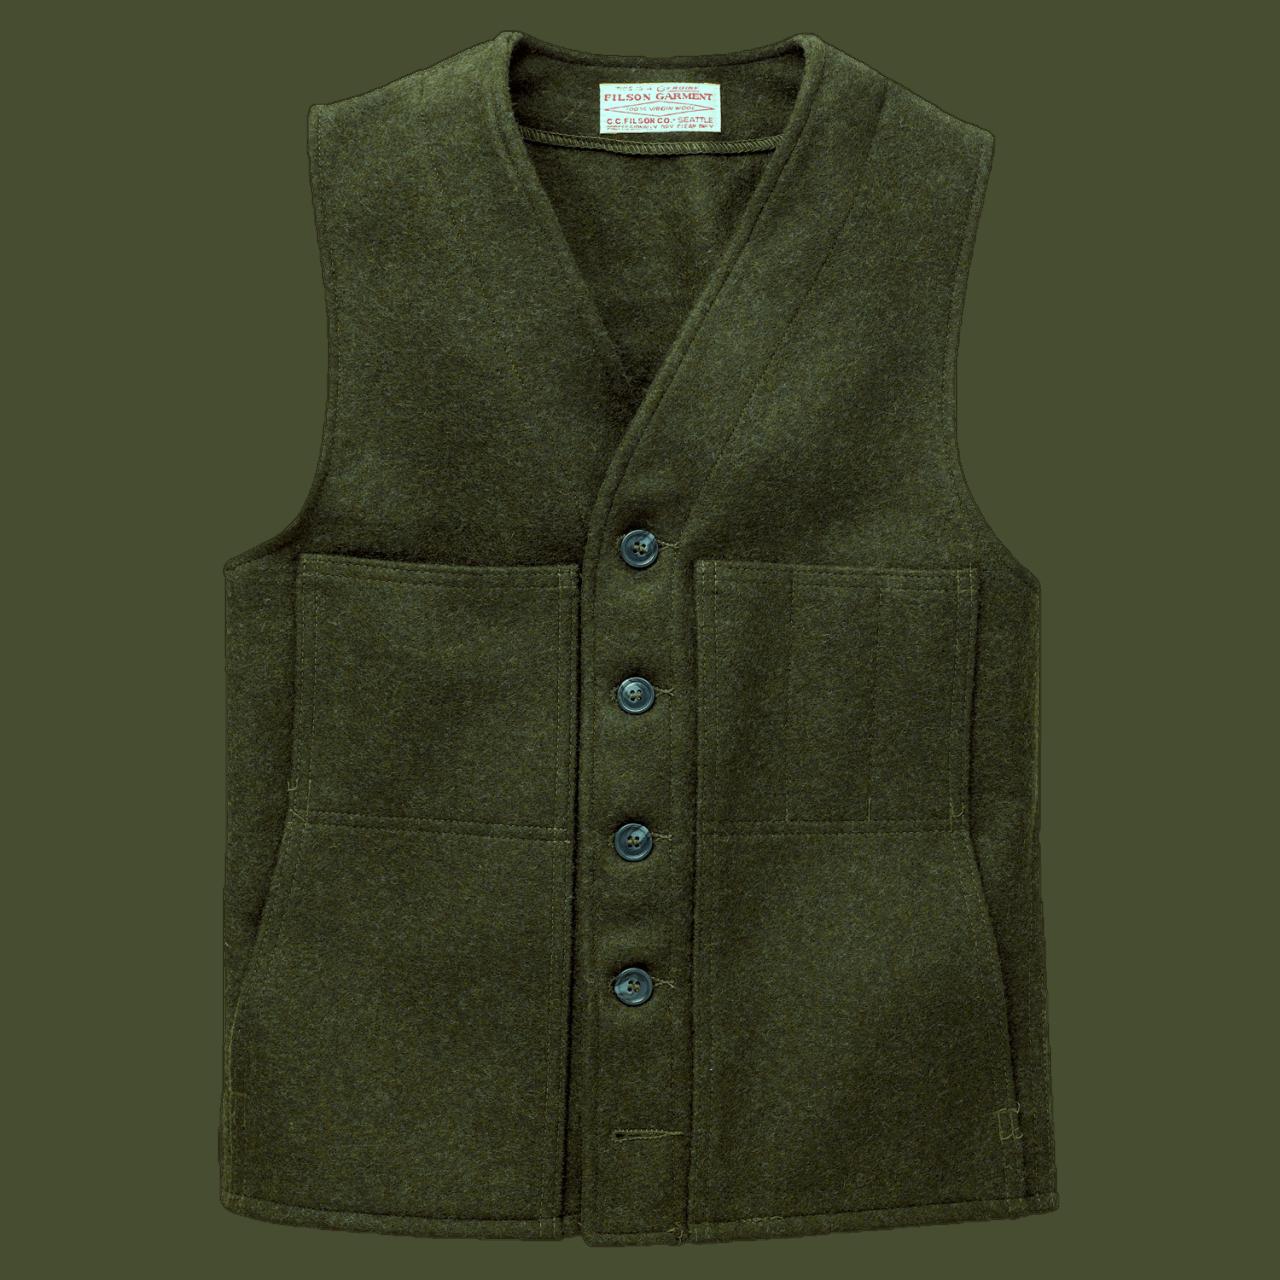 Filson Mackinaw Wool Weste - Forrest Green